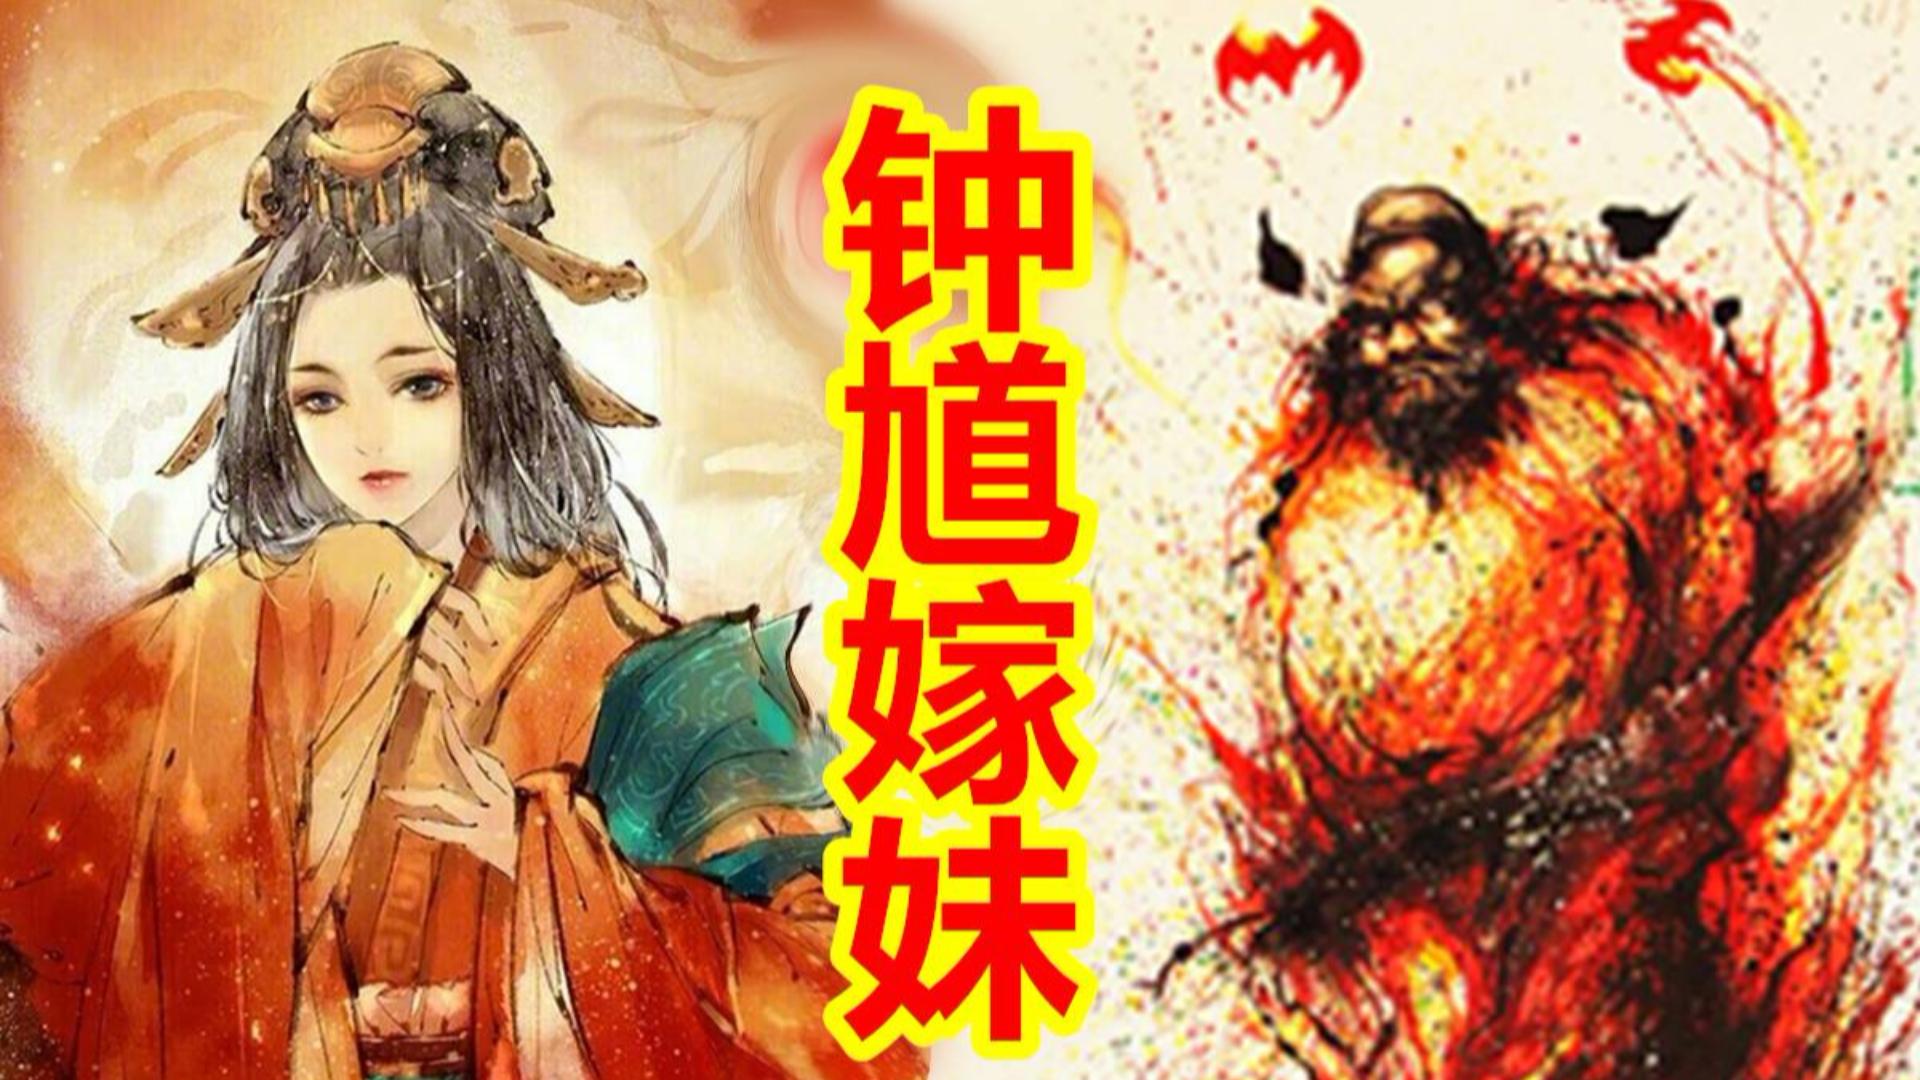 【中国神话-冥界篇 第六期】吃鬼钟馗,还阳嫁妹,铁汉柔情催人泪。